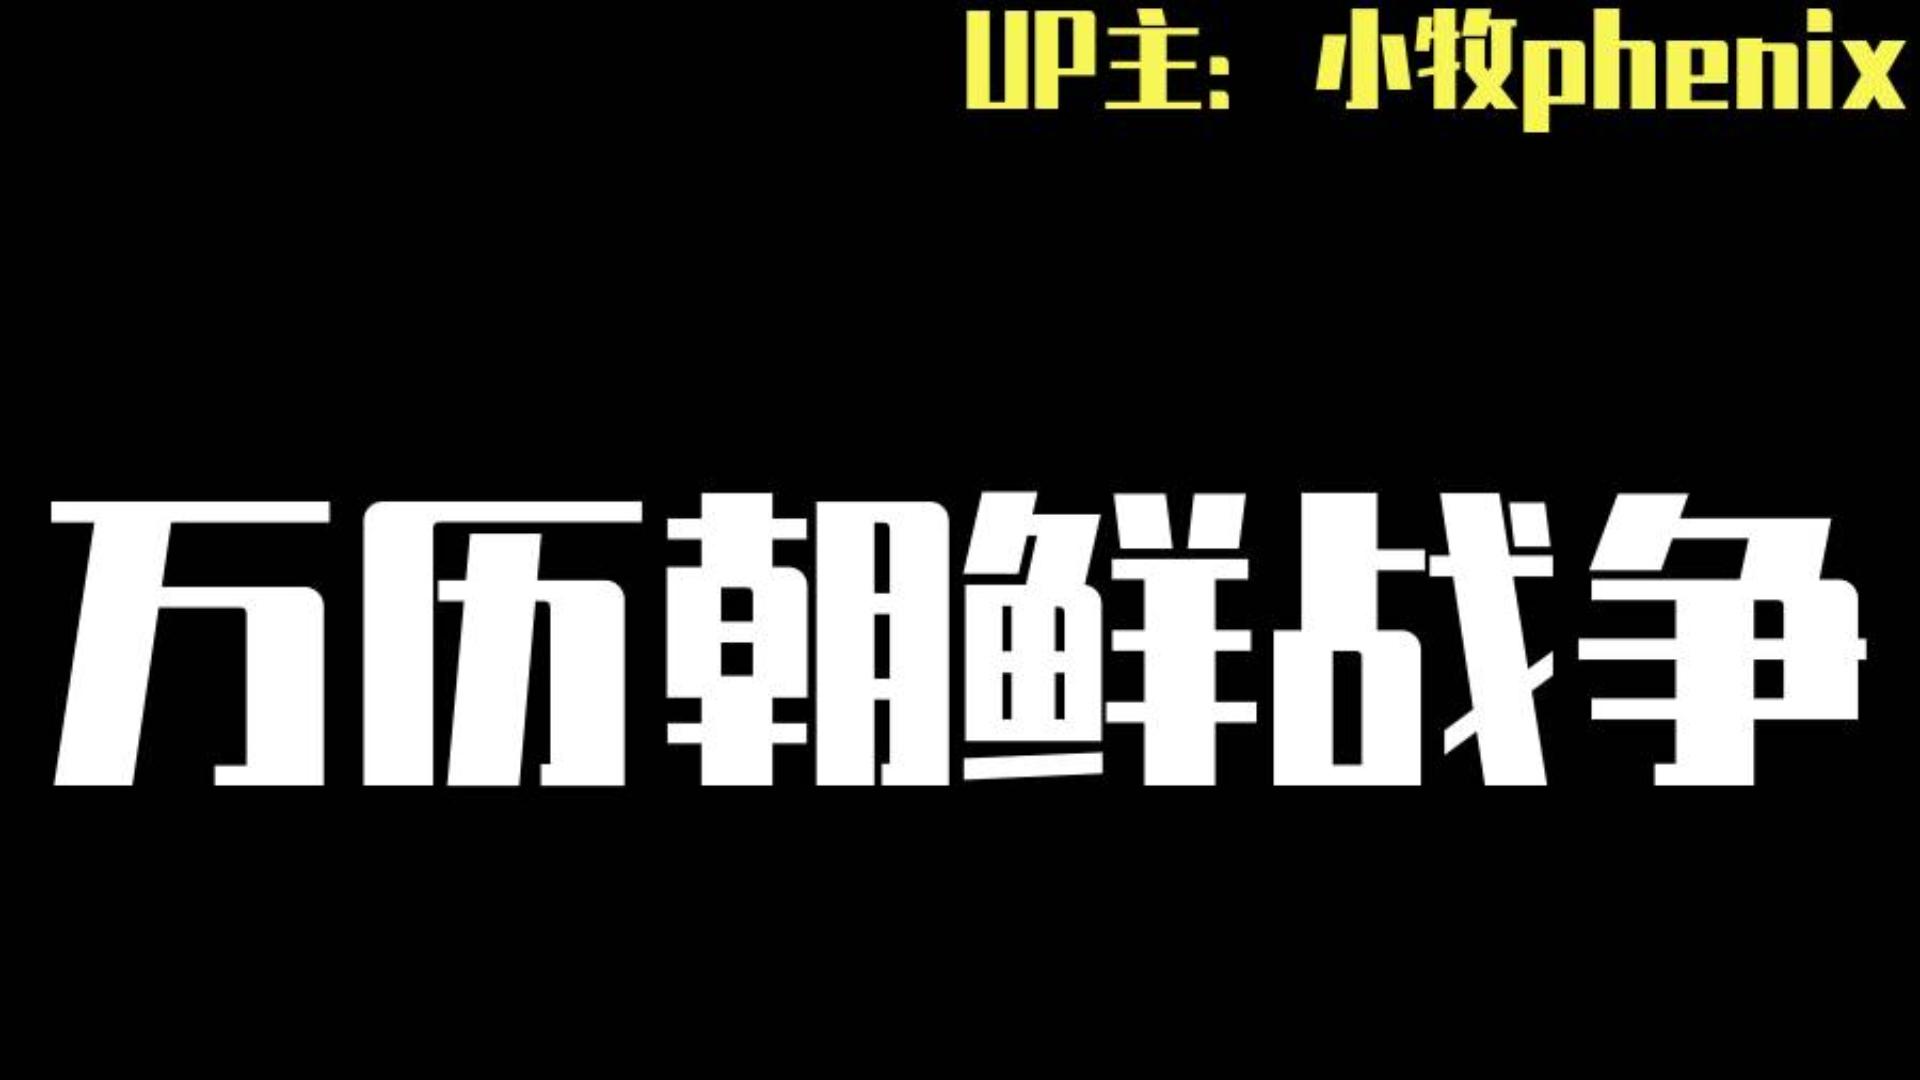 【牧杂谈】万历朝鲜战争——决定东亚未来三百年的殊死博弈